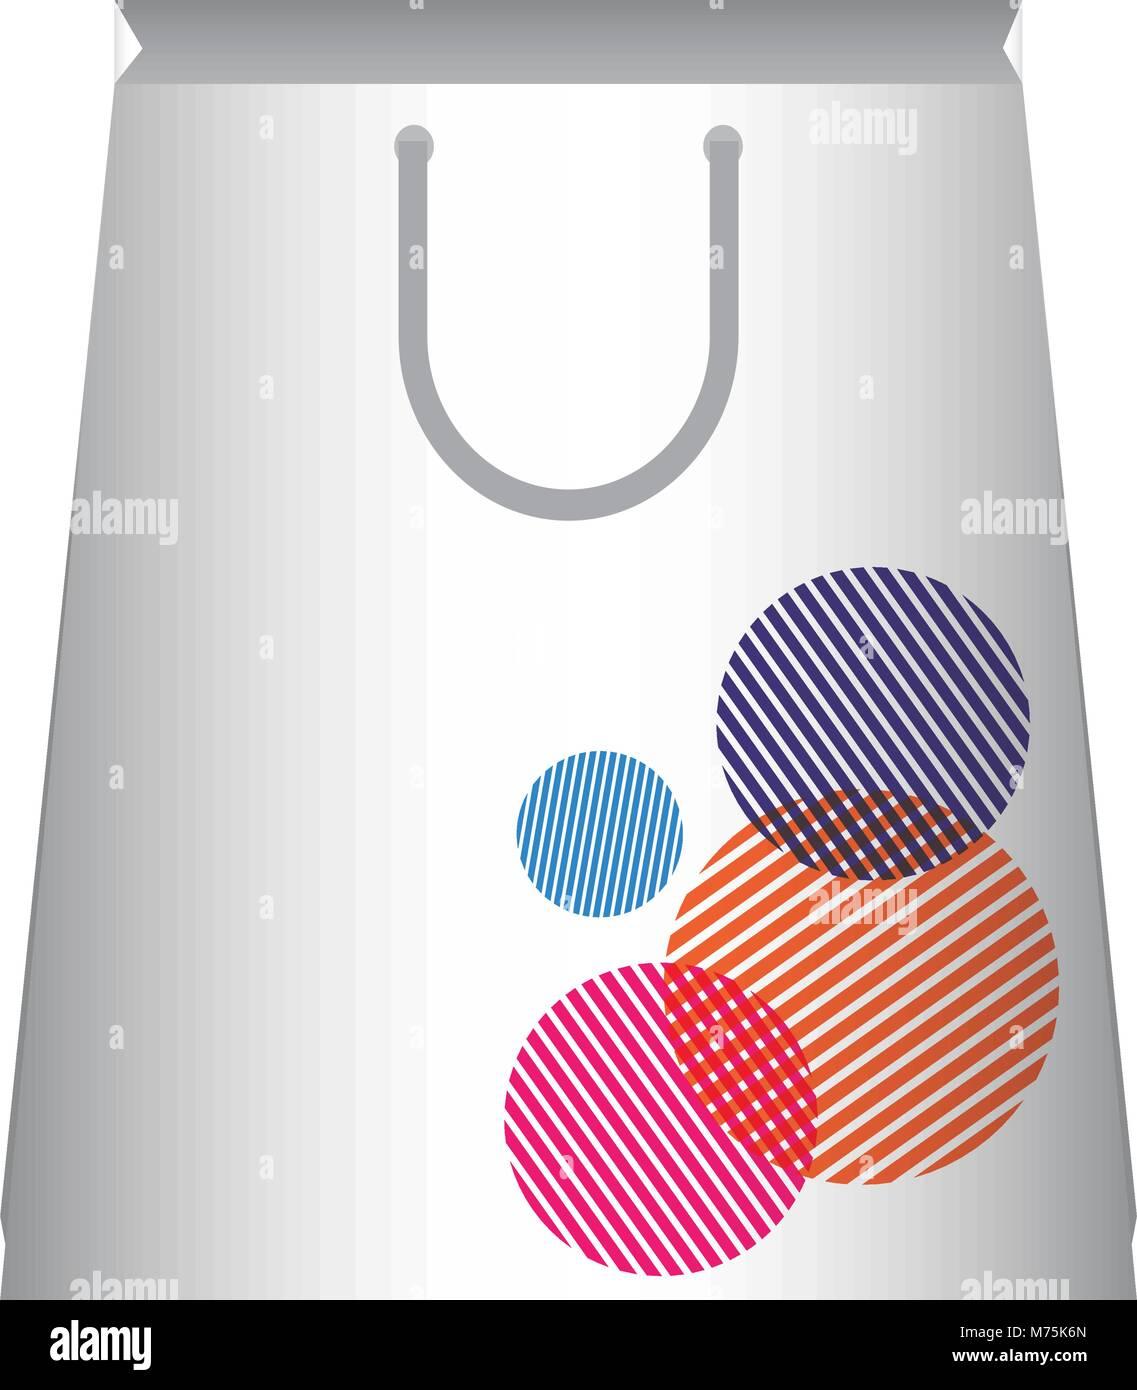 Panier avec des cercles sur fond blanc design vector illustration Photo Stock